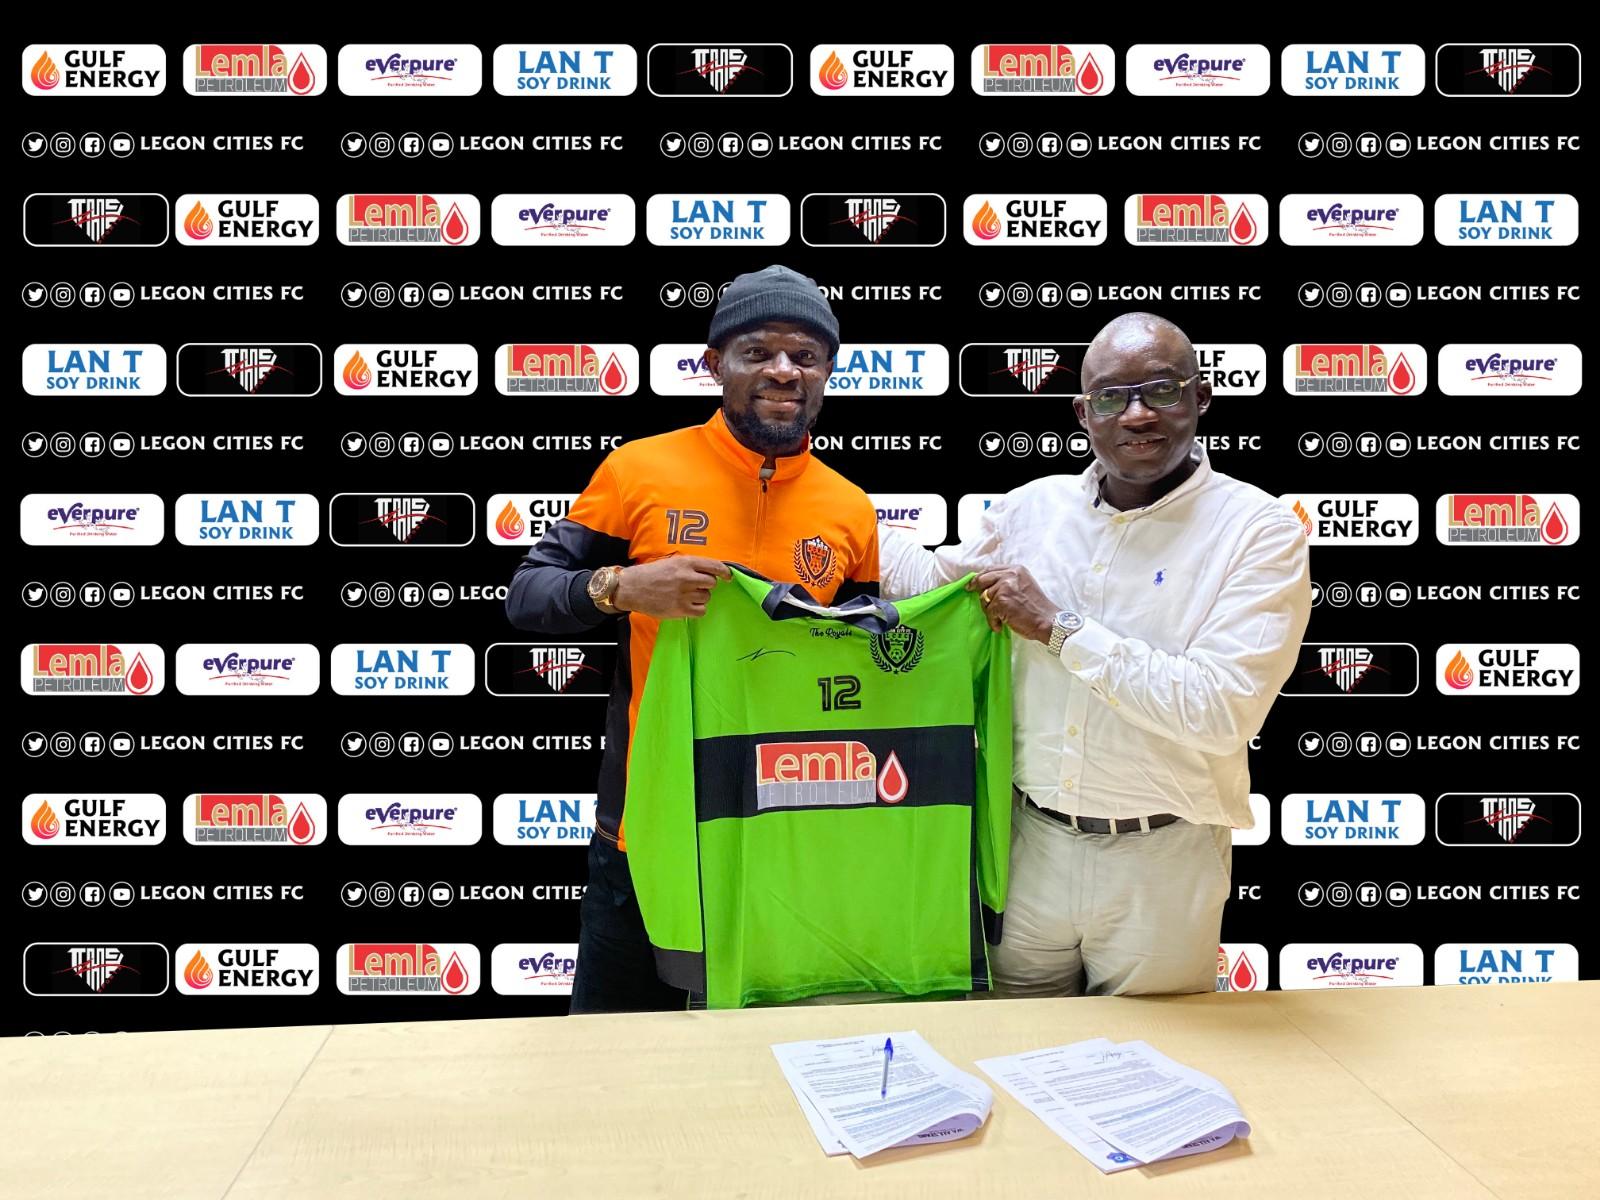 PICTURES: Legon Cities FC wrap up signing of Fatau Dauda